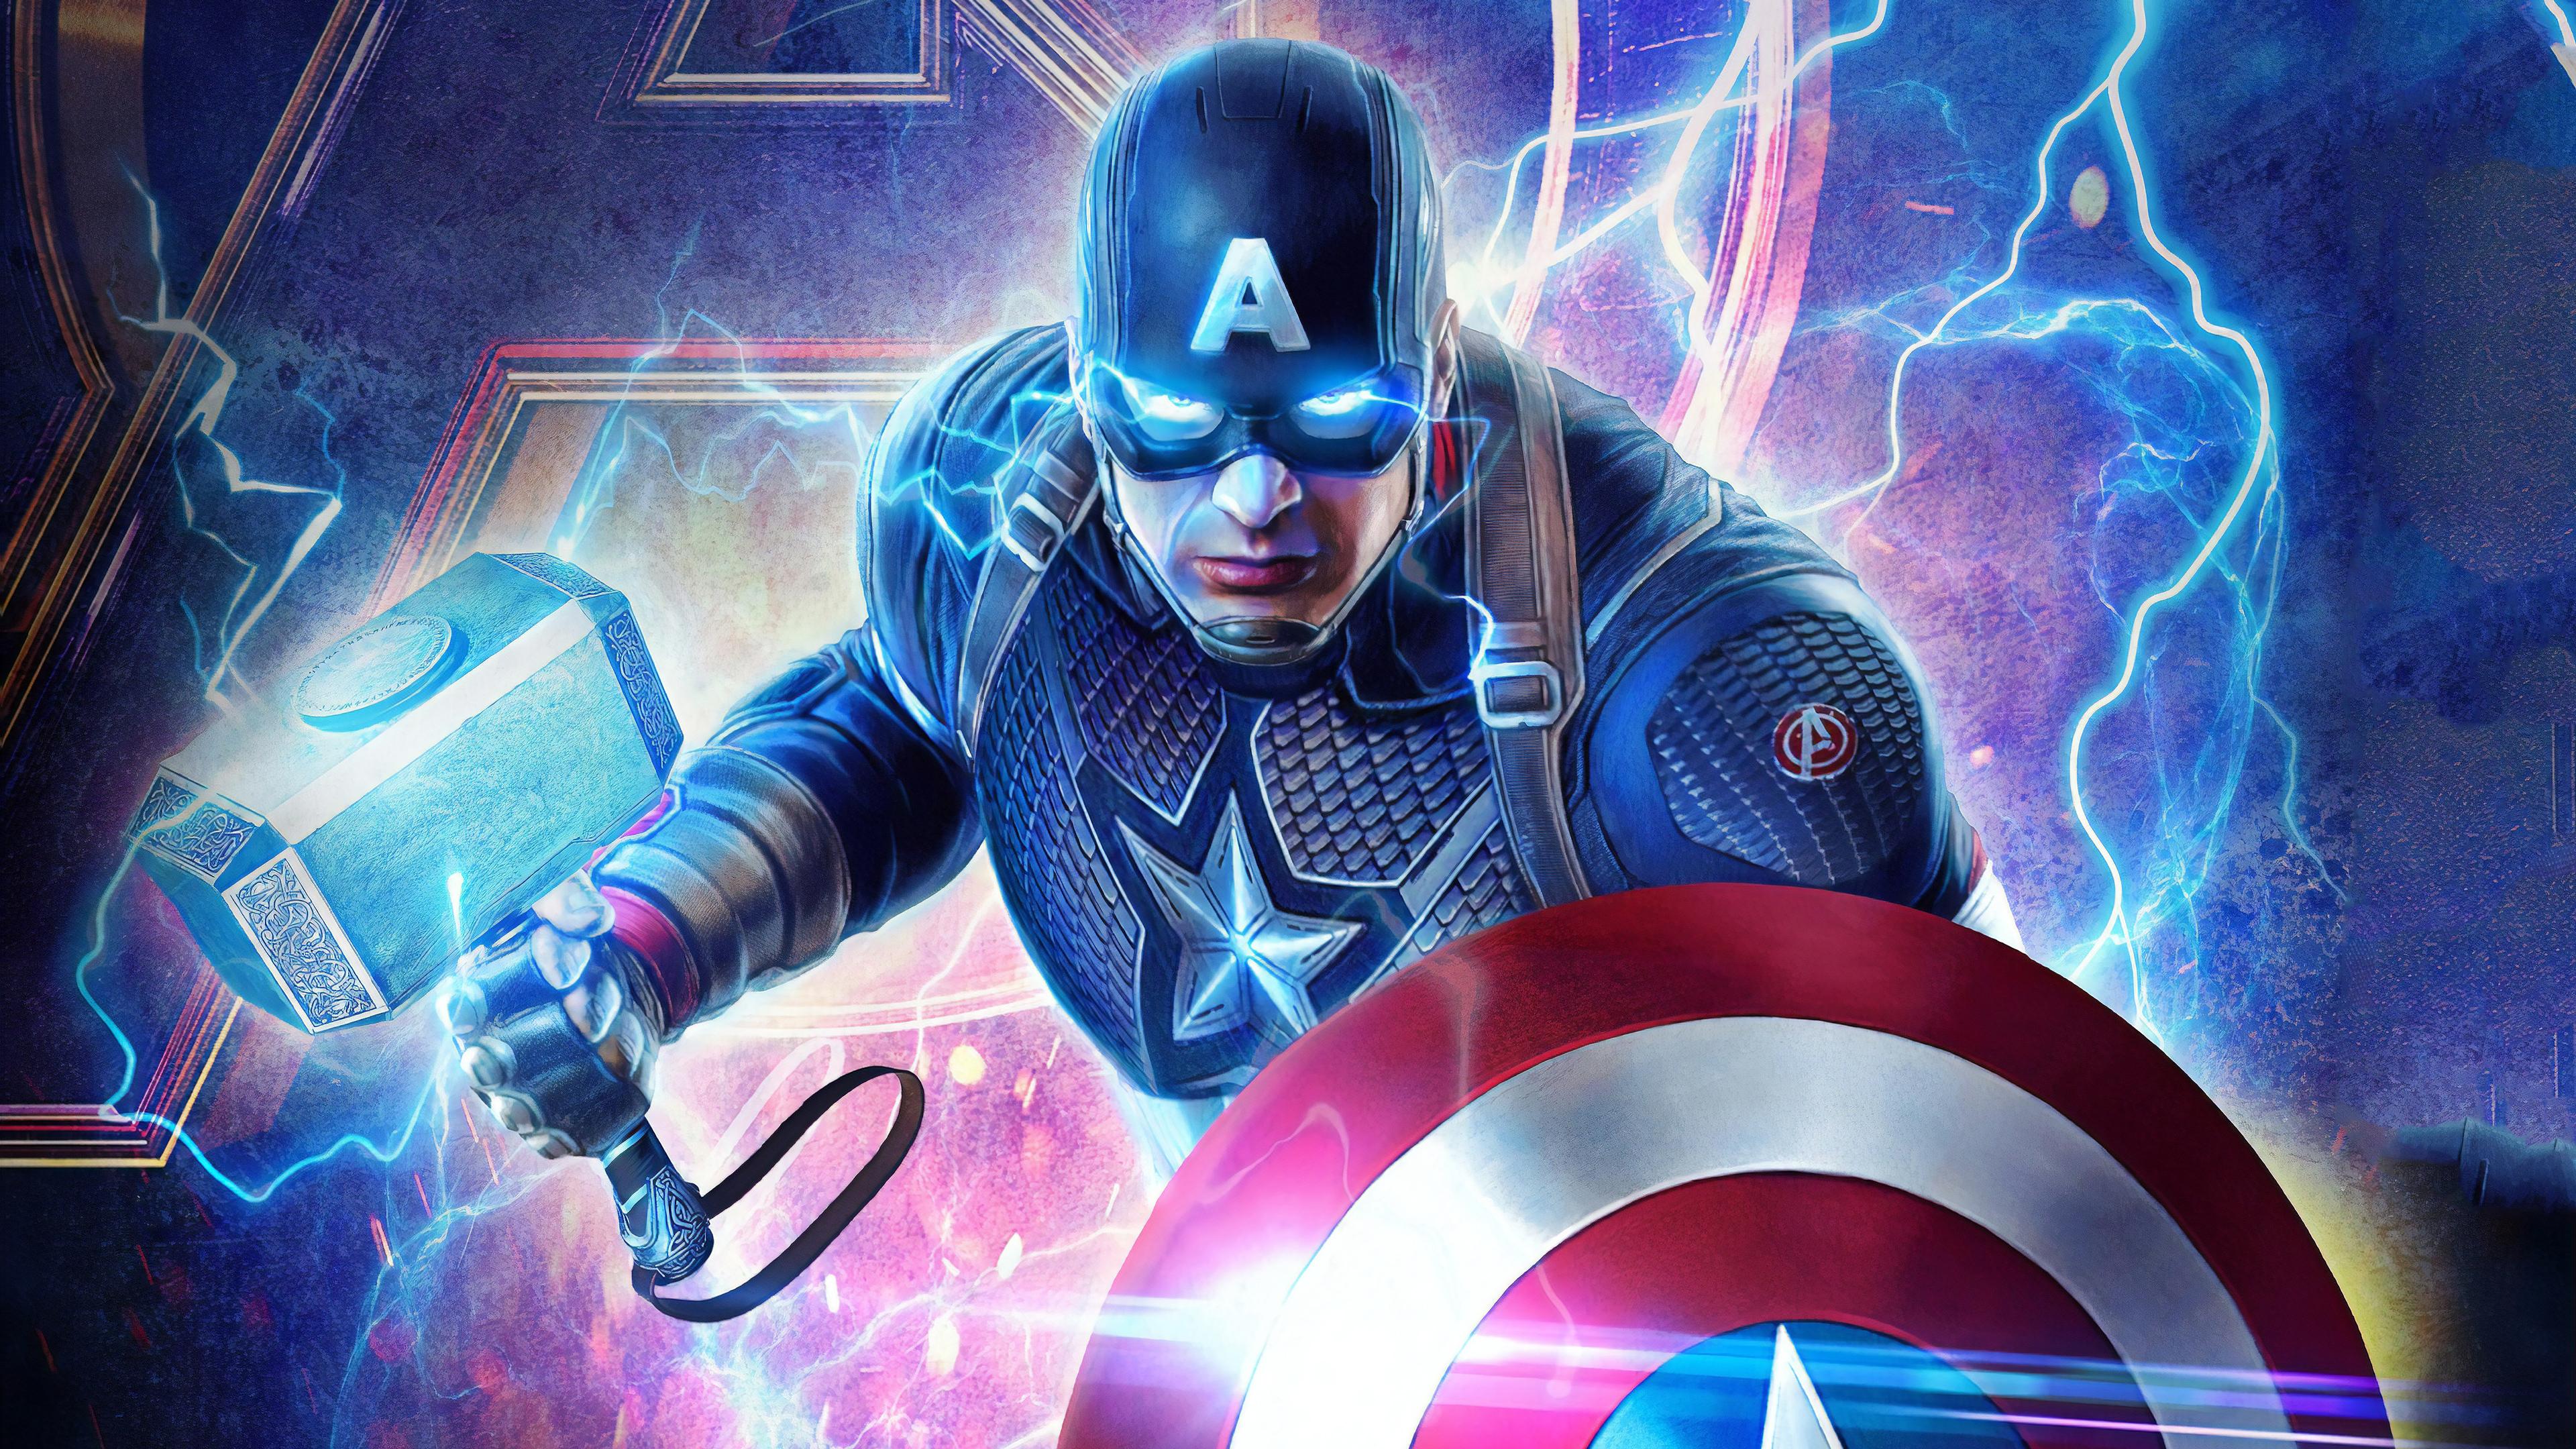 Wallpaper 4k 2019 Captain America Mjolnir Avengers Endgame 4k 4k